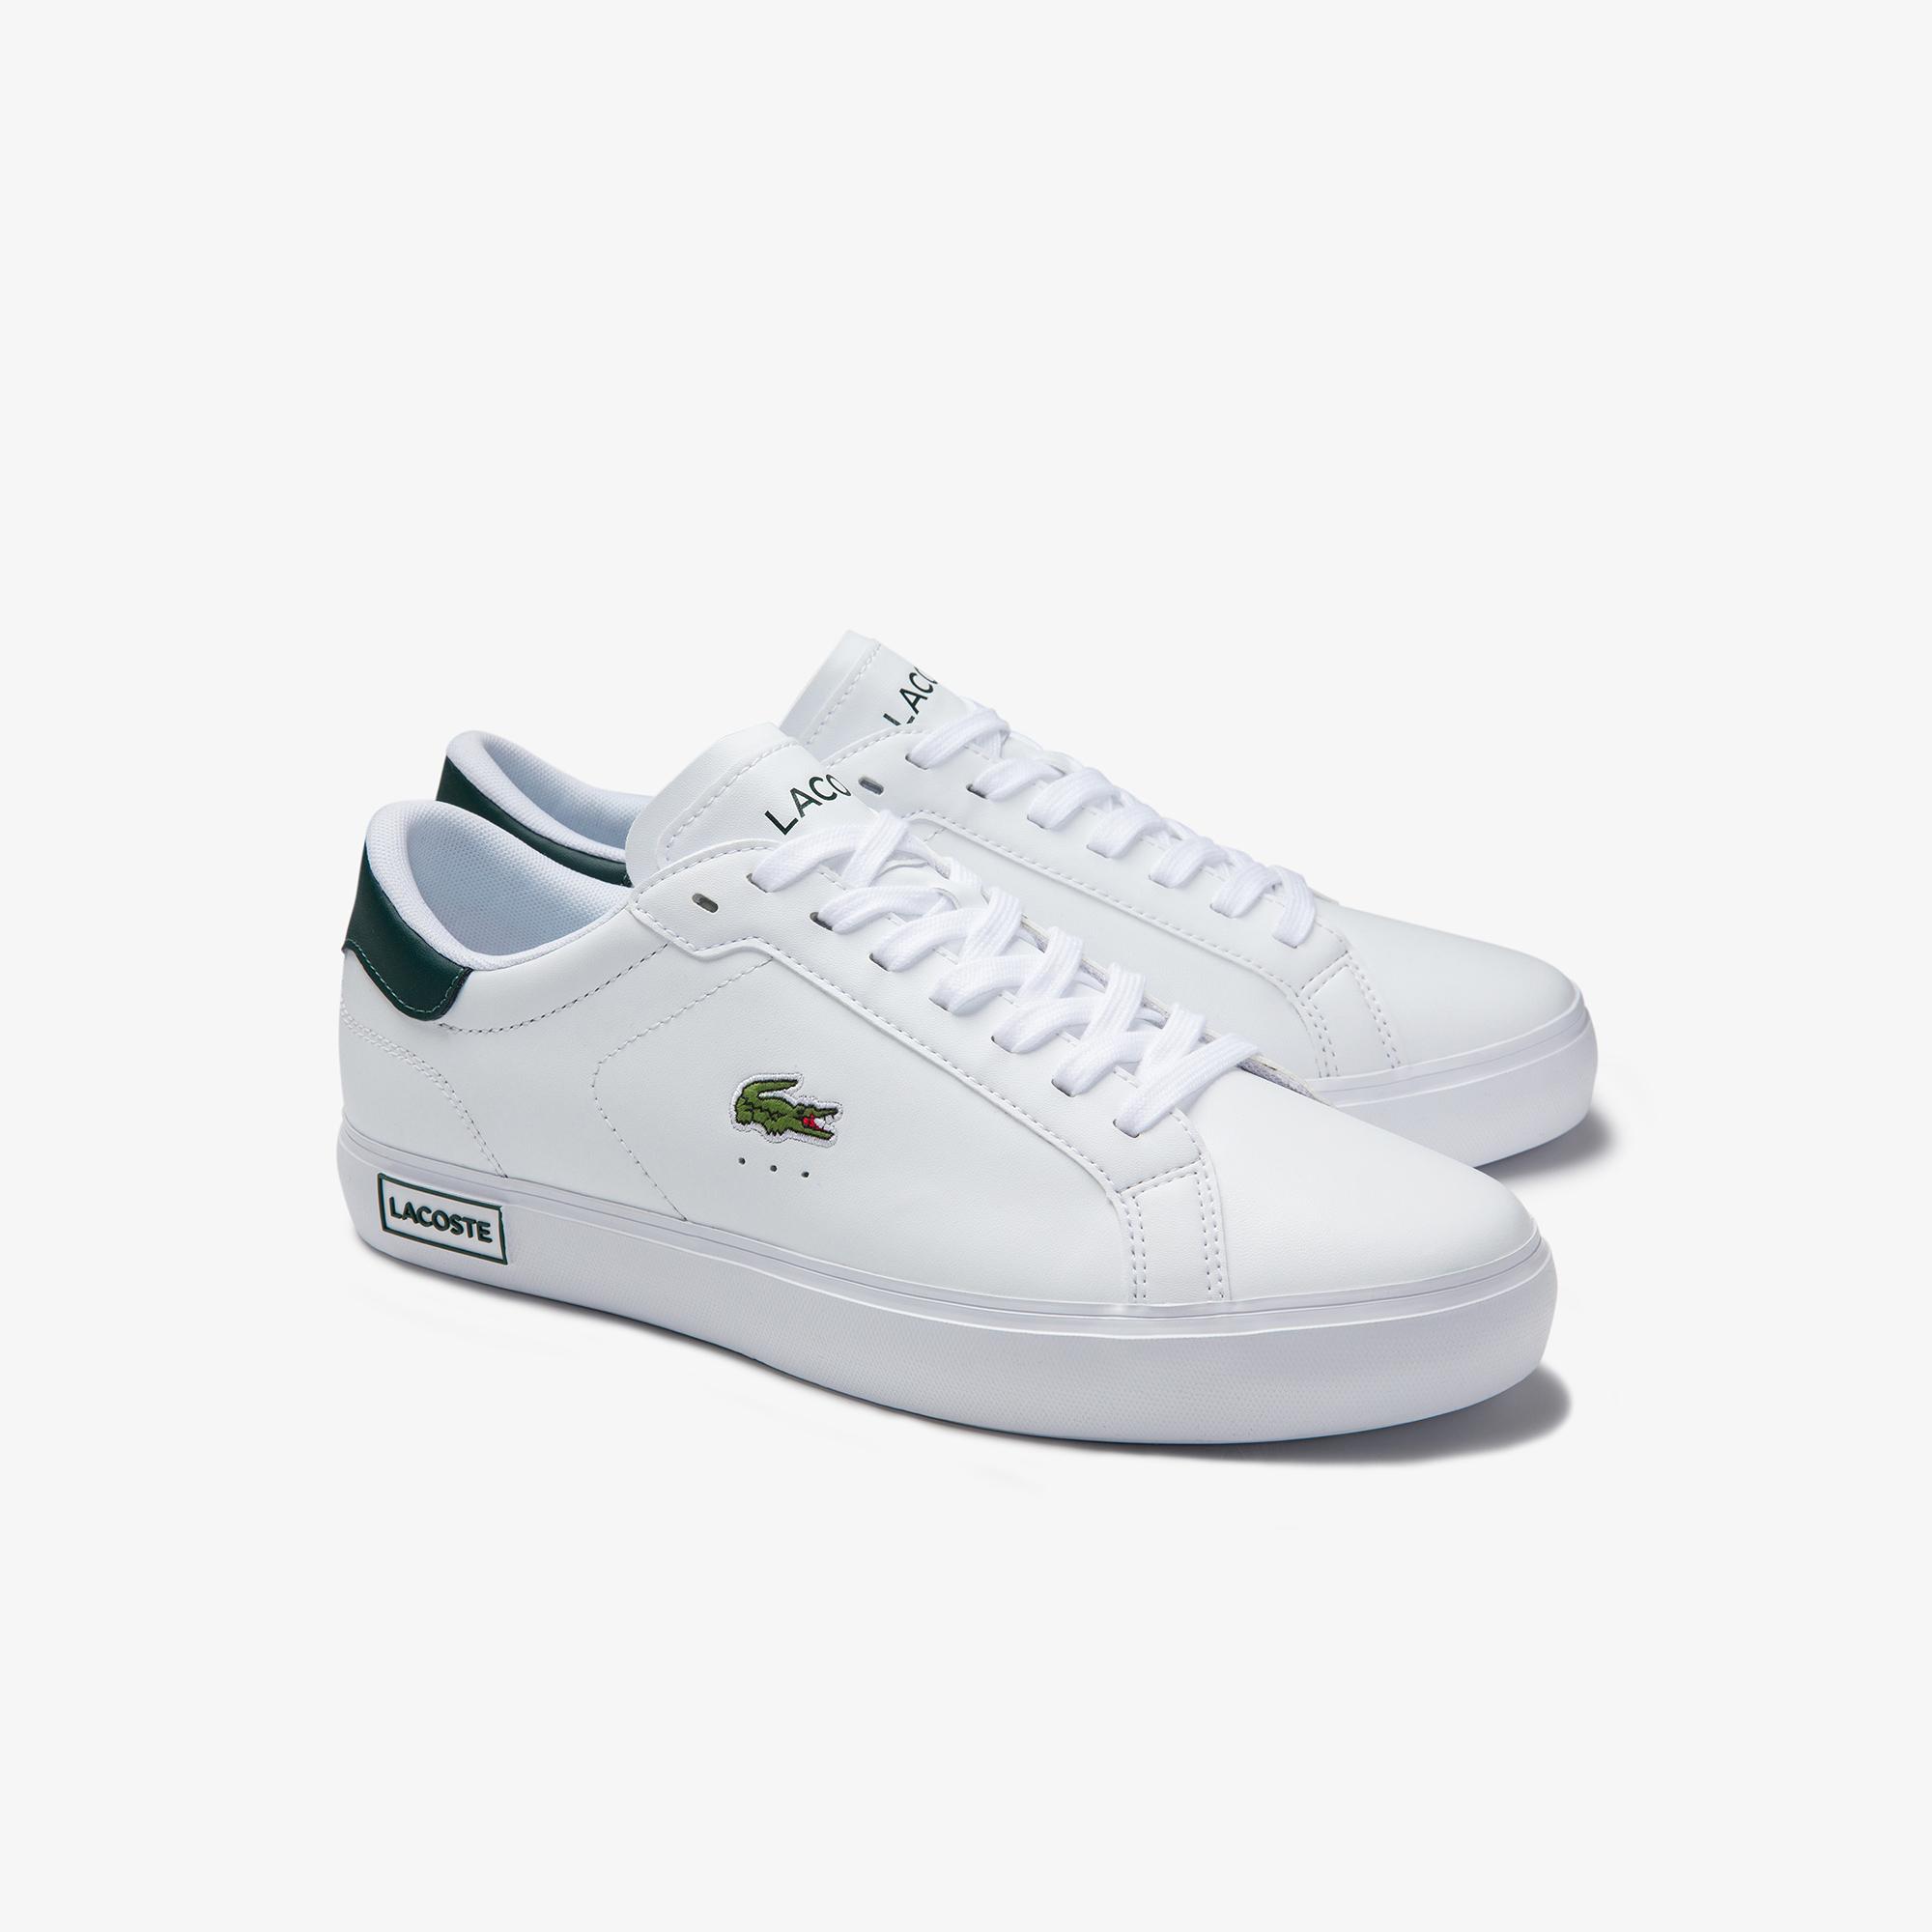 Lacoste Men's Powercourt 0520 1 Sma Shoes